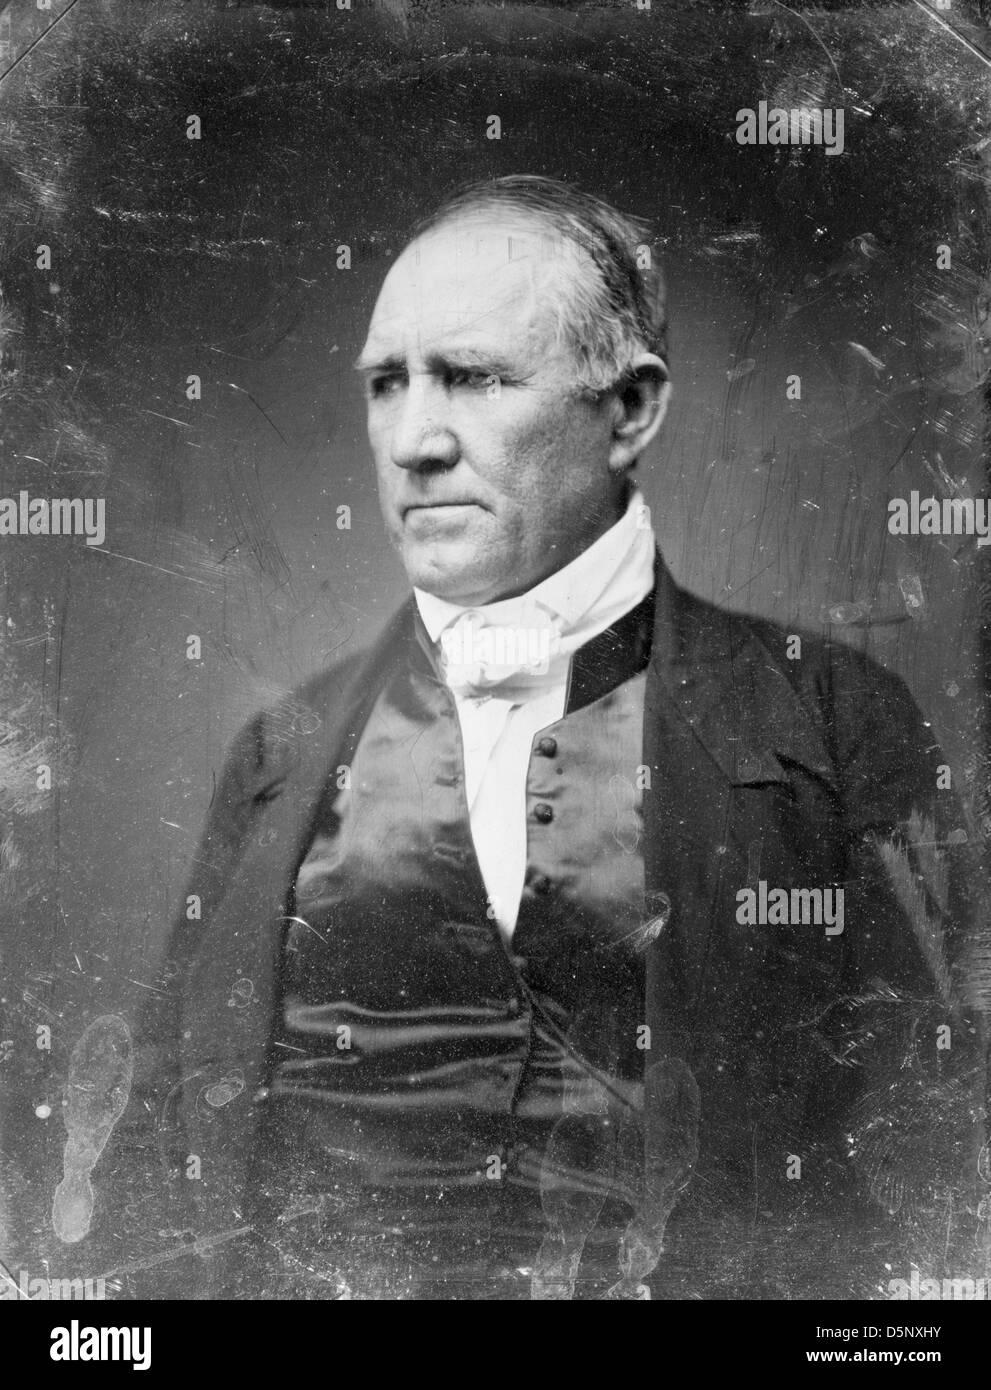 Sam Houston, half-length portrait, trois-quarts vers la gauche, en tenue civile, rasé, daguerréotype Photo Stock